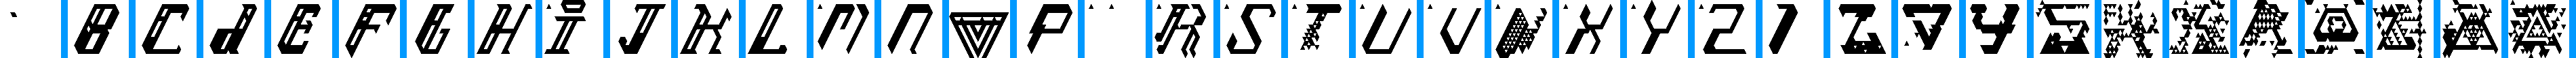 Particip-a-type v.276